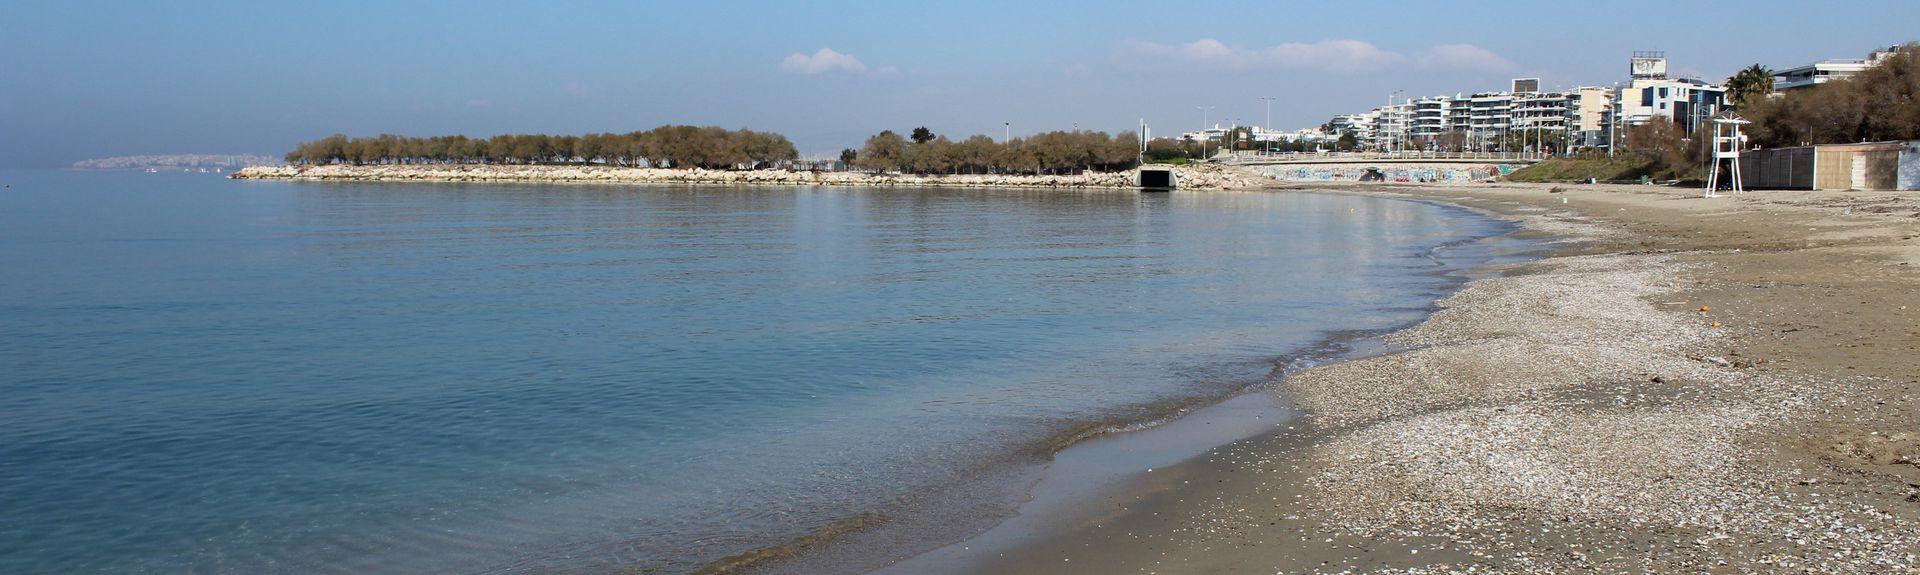 Voula, Vari-Voula-Vouliagmeni, Attique, Grèce